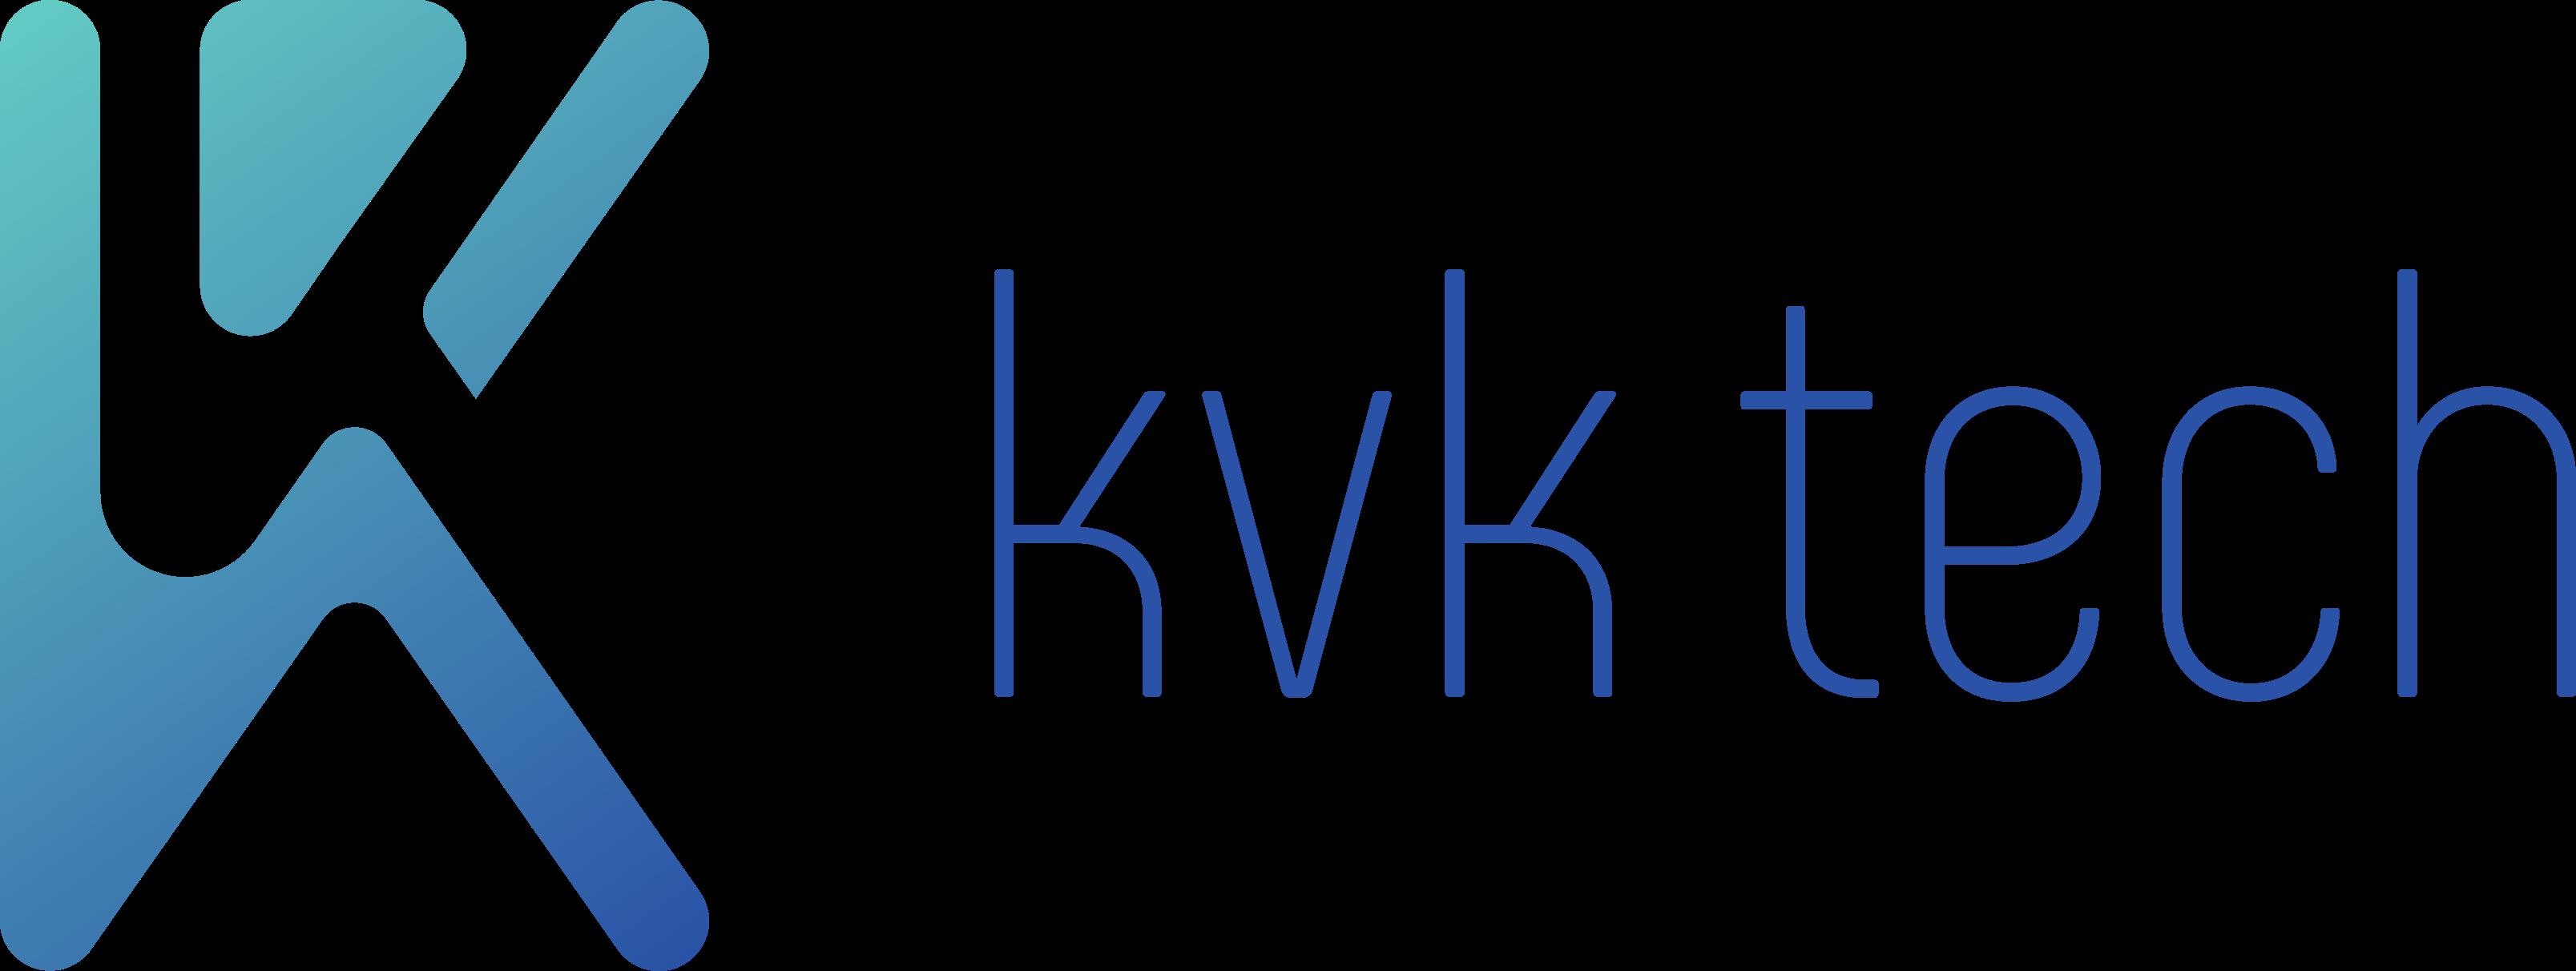 KVK Tech